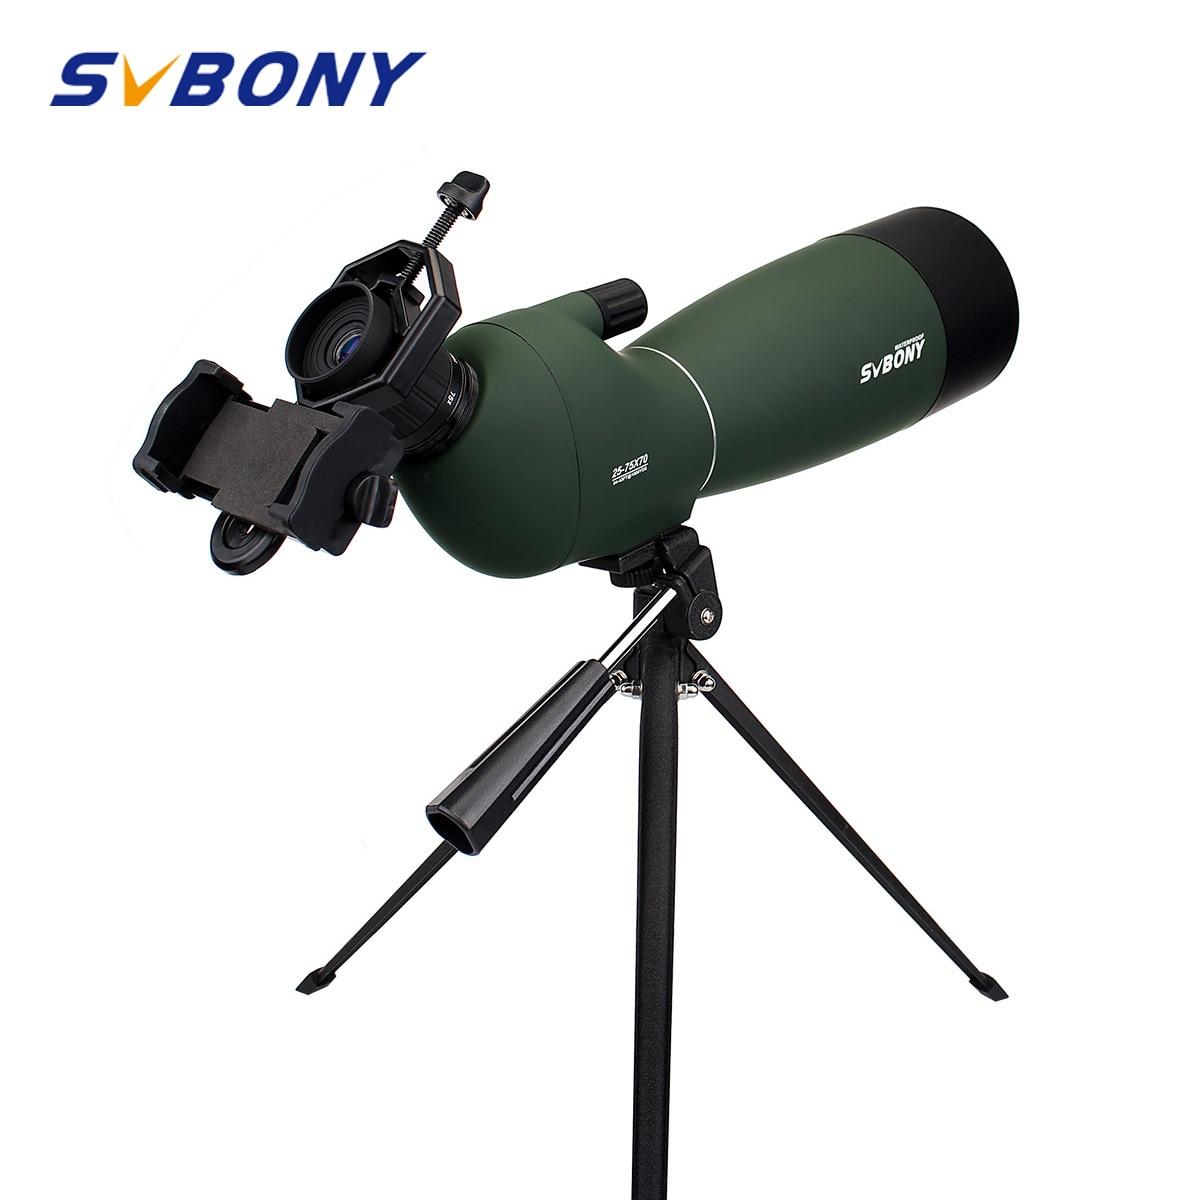 Svbony SV28 50/60/70 мм телескоп зум-зрительная труба водонепроницаемый монокуляр с универсальным адаптером телефона для охоты стрельба из лука наб... title=